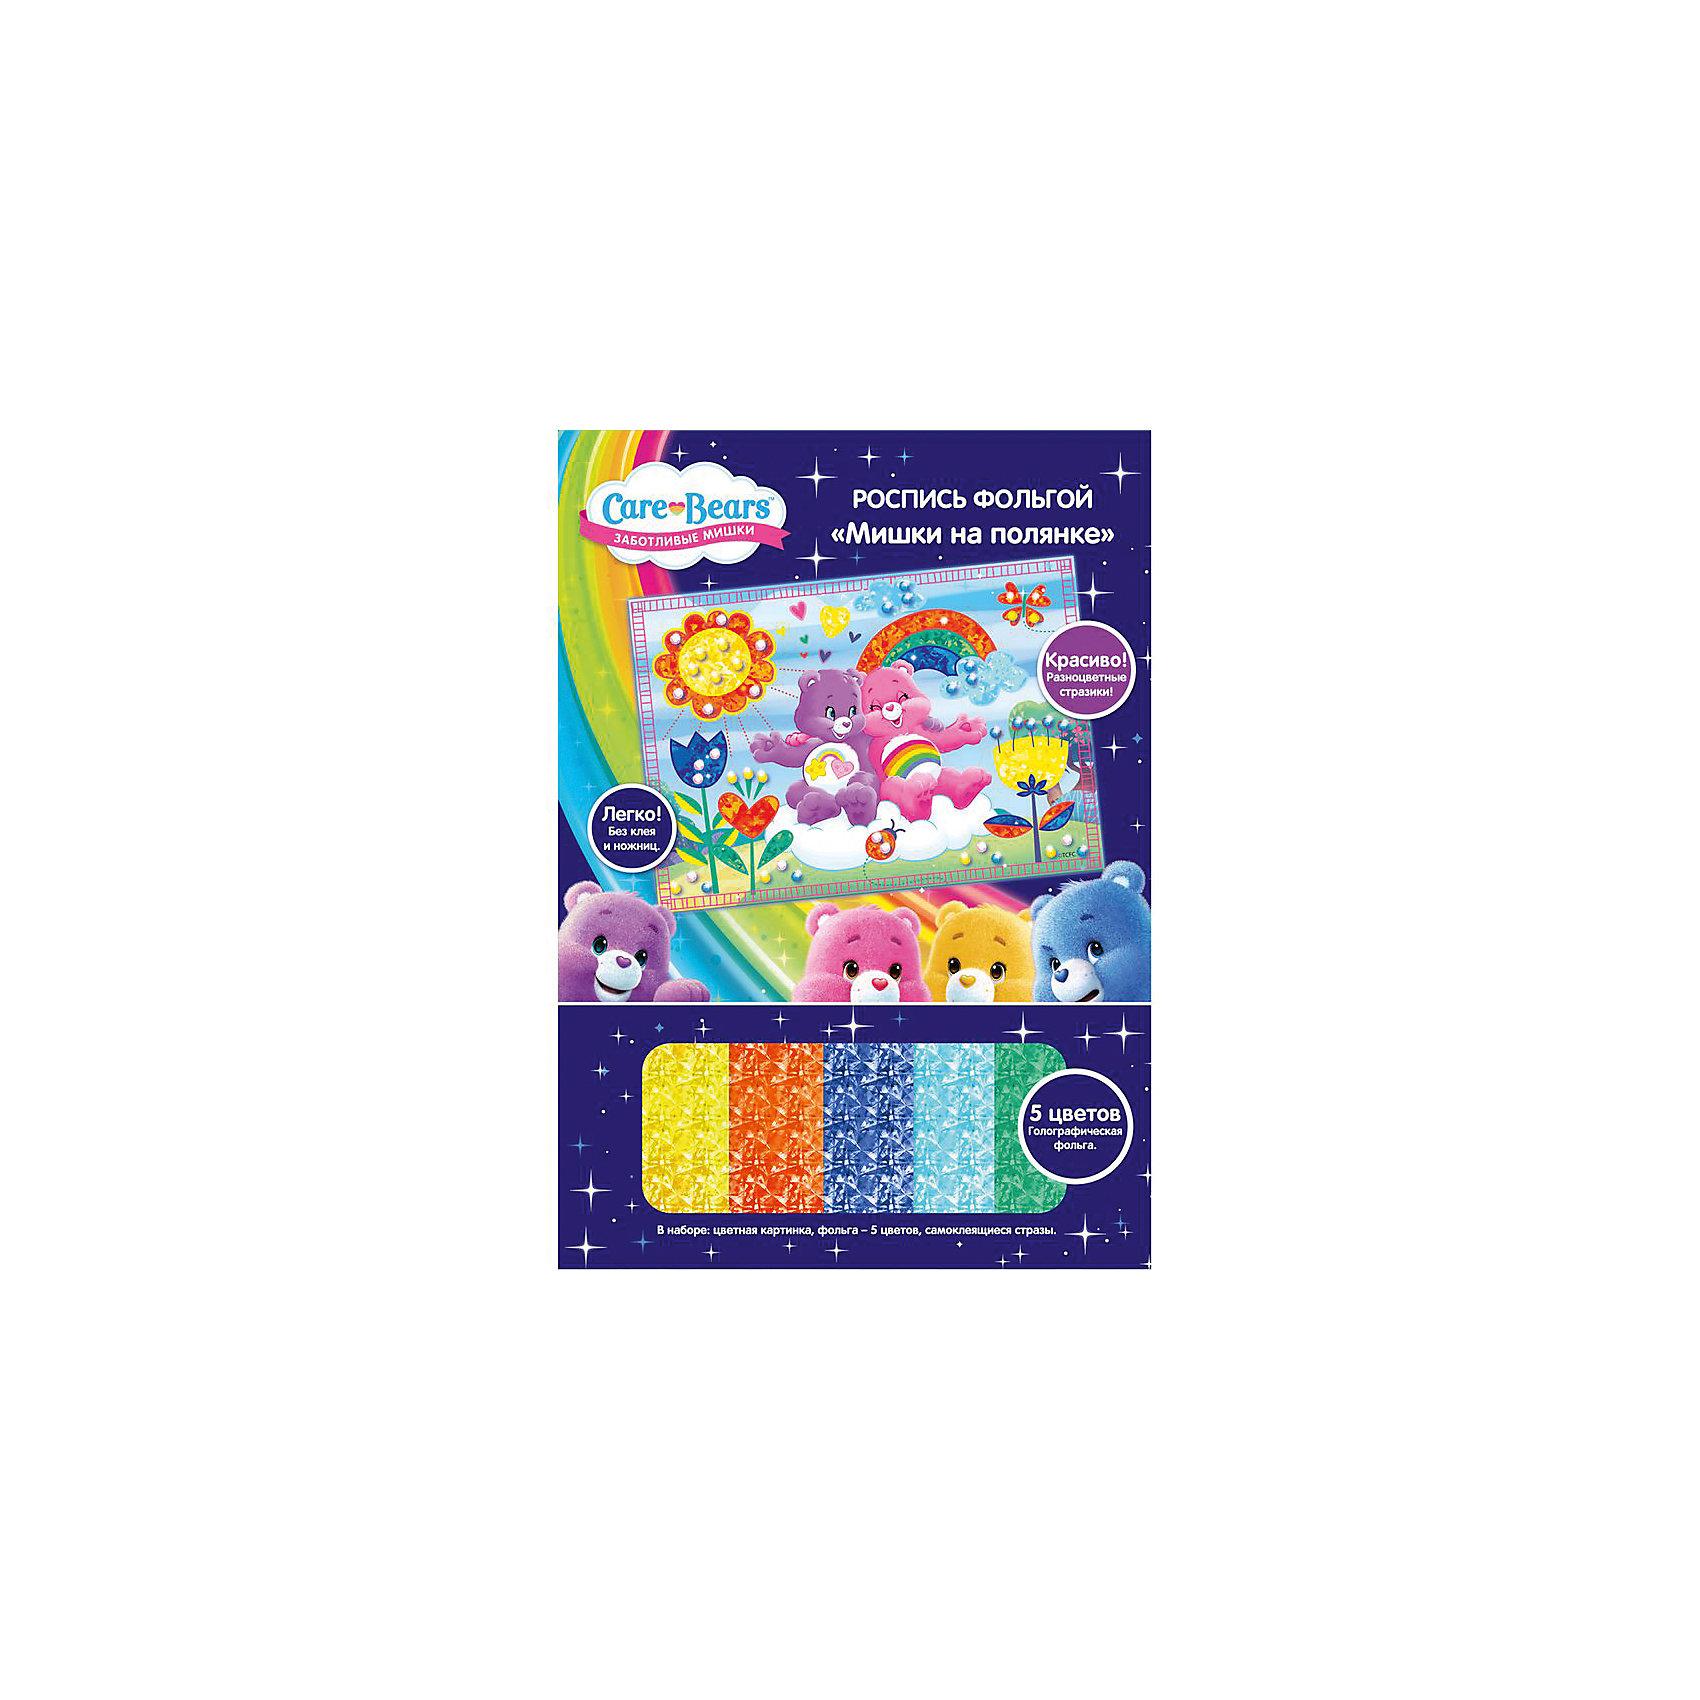 Роспись фольгой Мишки на полянке, Заботливые мишкиНаборы для росписи<br>Характеристики товара:<br><br>• возраст: от 3 лет<br>• комплектация: цветная картонная картинка, 5 цветов голографической фольги, самоклеящиеся стразы<br>• размер картинки: 25х18 см<br>• не требует специальных навыков<br>• состав: полимер, бумага<br>• страна бренда: Россия<br>• страна изготовитель: Китай<br><br>Перед началом росписи рассмотрите картинку: элементы для раскрашивания обозначены белым цветом. Выберите деталь (начинайте с крупных фрагментов), снимите с нее защитный слой и приложите цветную фольгу оборотной стороной к клеевому слою картинки, хорошо потрите ее палочкой или тыльной стороной карандаша, а затем снимите фольгу: блестящий слой с ее основы перейдет на бумагу. Раскрасьте так всю картинку разными цветами и украсьте ее блестящими стразами. <br><br>В наборе для росписи фольгой Мишки на полянке ТМ Care Bears: цветная картонная картинка (25х18 см), 5 цветов голографической фольги, самоклеящиеся стразы. <br><br>Роспись фольгой Мишки на полянке, Заботливые мишки, вы можете приобрести в нашем интернет-магазине.<br><br>Ширина мм: 300<br>Глубина мм: 210<br>Высота мм: 30<br>Вес г: 69<br>Возраст от месяцев: 36<br>Возраст до месяцев: 2147483647<br>Пол: Женский<br>Возраст: Детский<br>SKU: 5453404